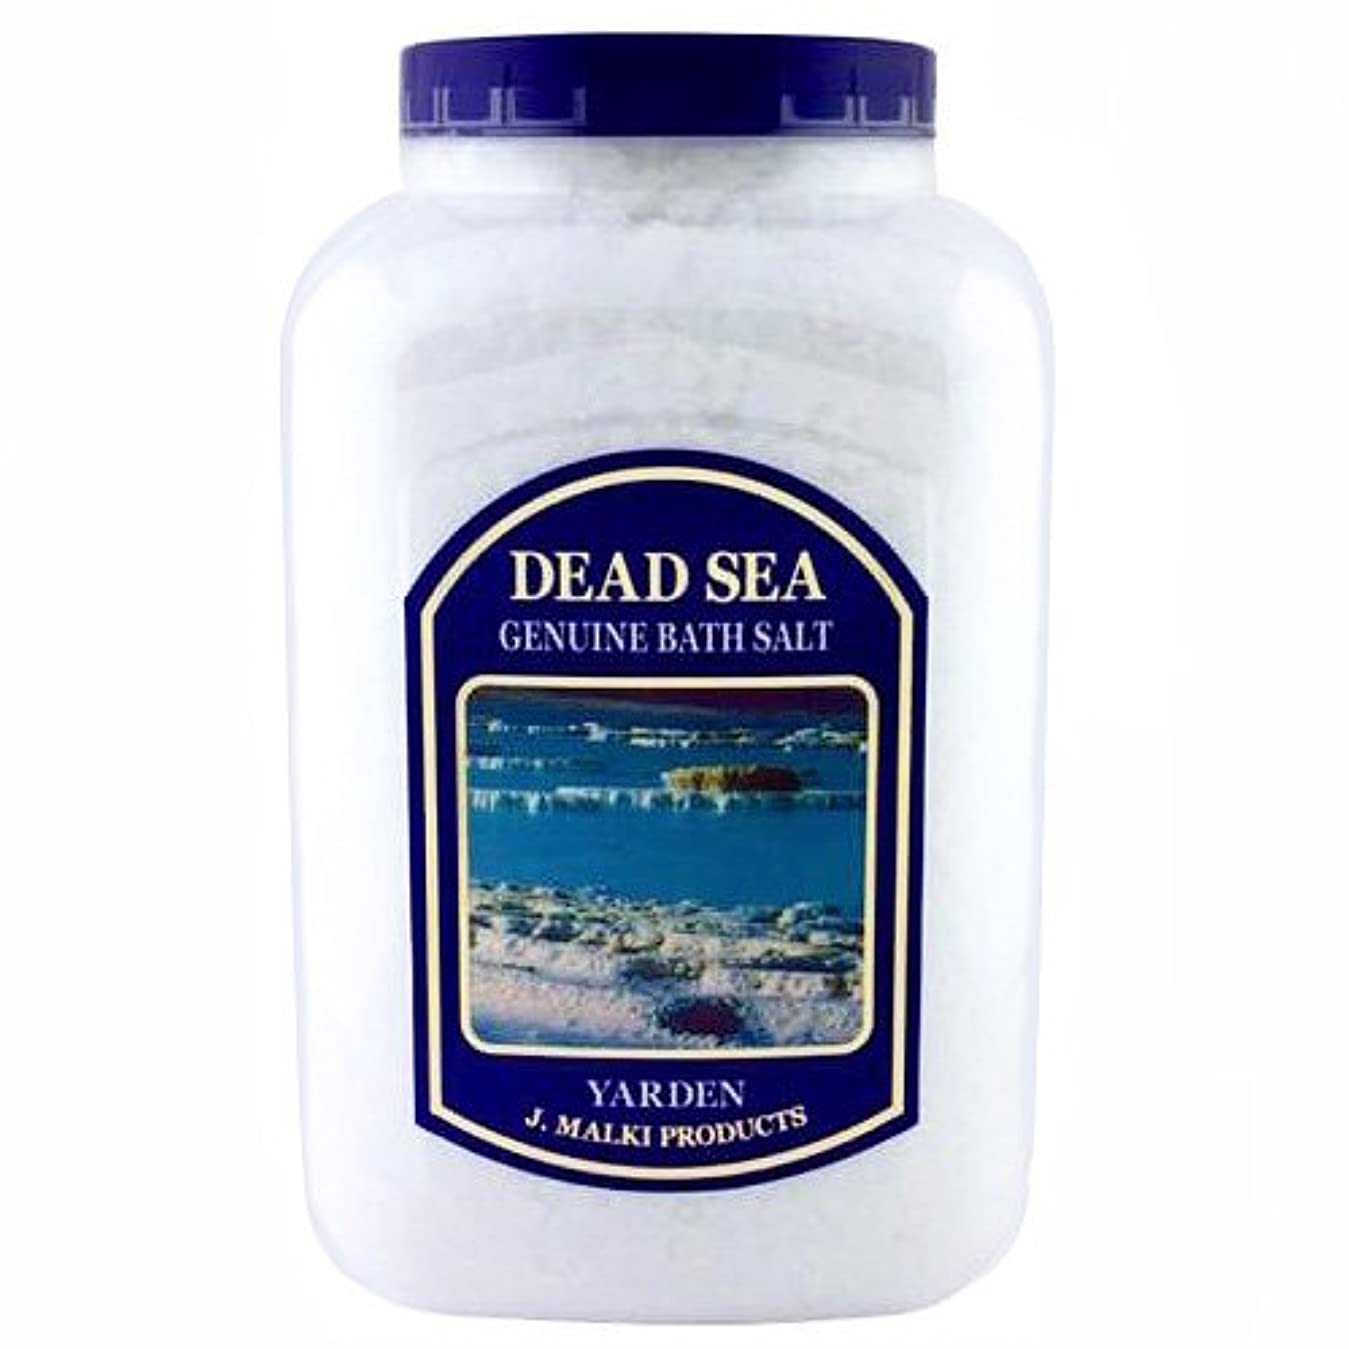 栄養締める定刻デッドシー?バスソルト 4.5kg(約45回分)【DEAD SEA BATH SALT】死海の塩/入浴剤(入浴用化粧品)【正規販売店】